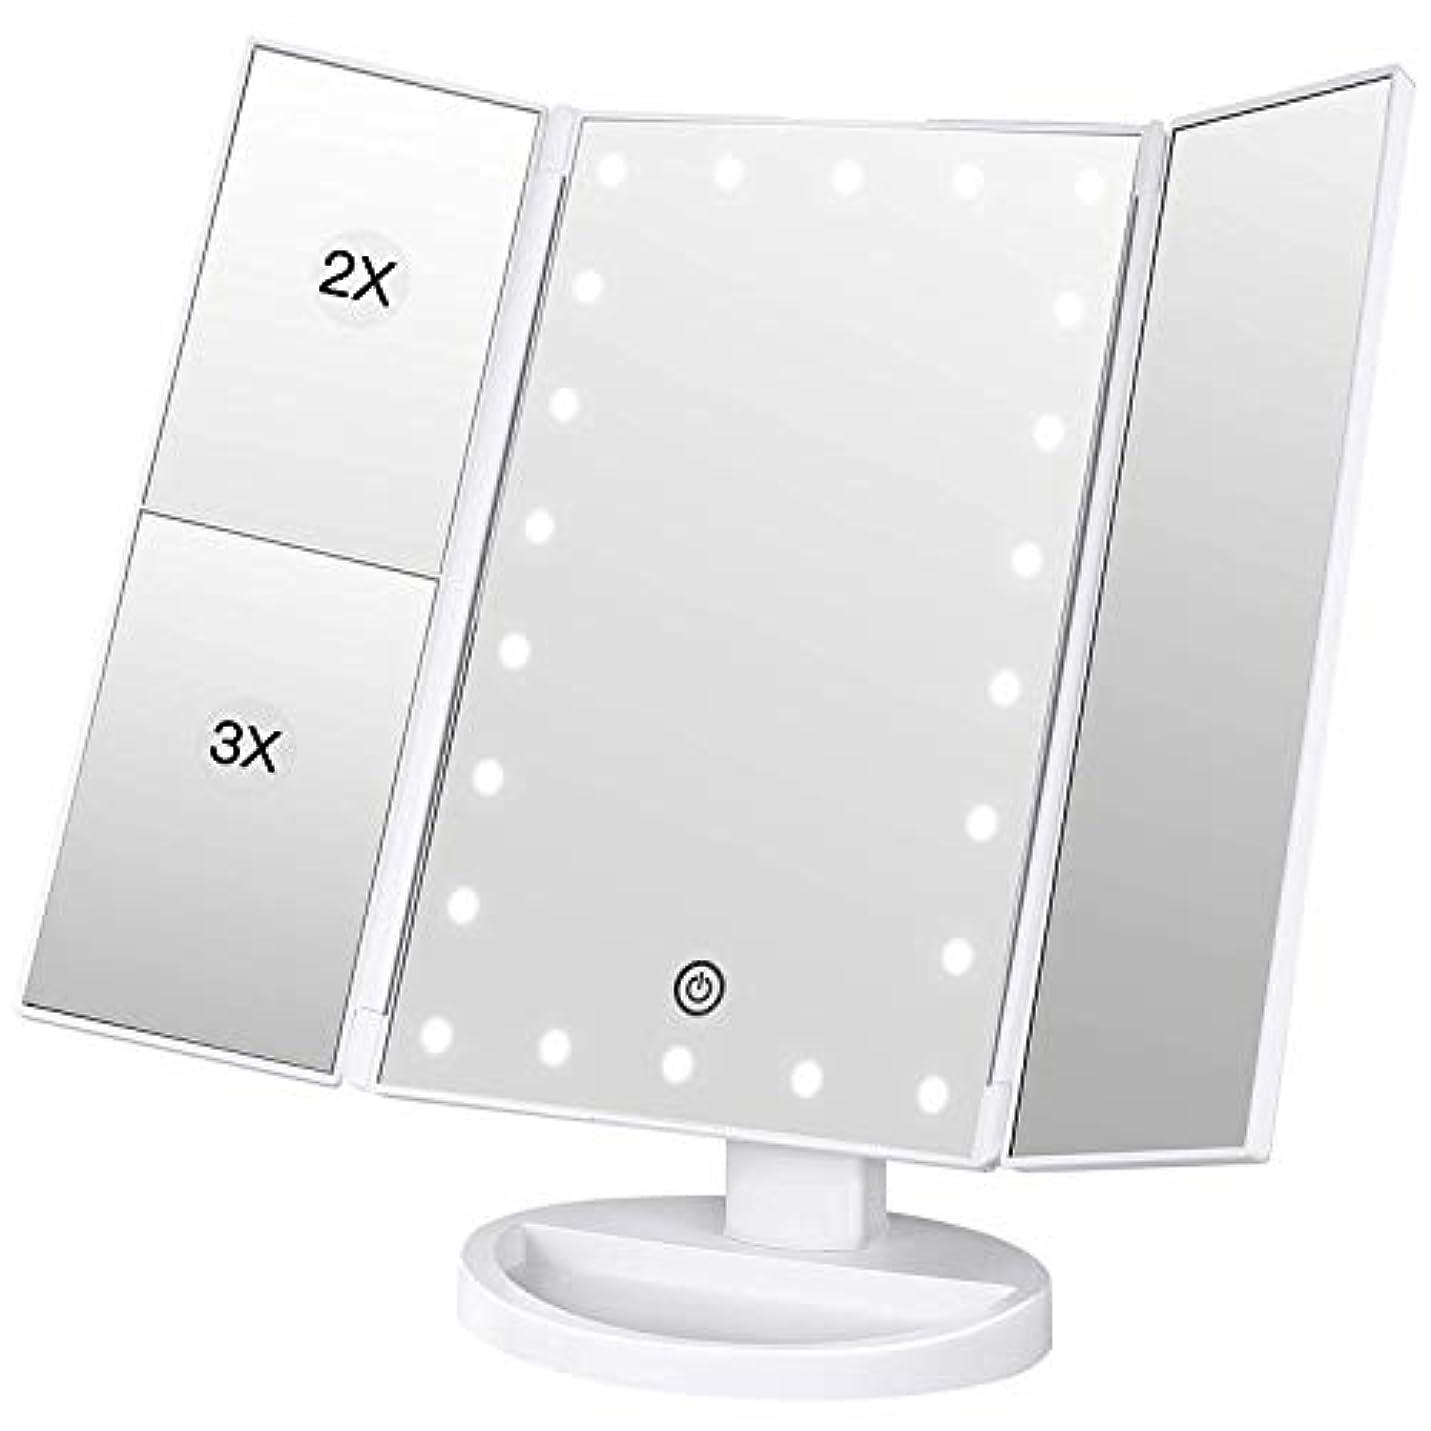 怒って権利を与えるメーカー収納ベース付き三面鏡 -化粧鏡 led付き 卓上鏡 折りたたみ 拡大鏡 2倍 3倍 明るさ調節可能 180°回転 電池&USB 2WAY給電 (ホワイト)